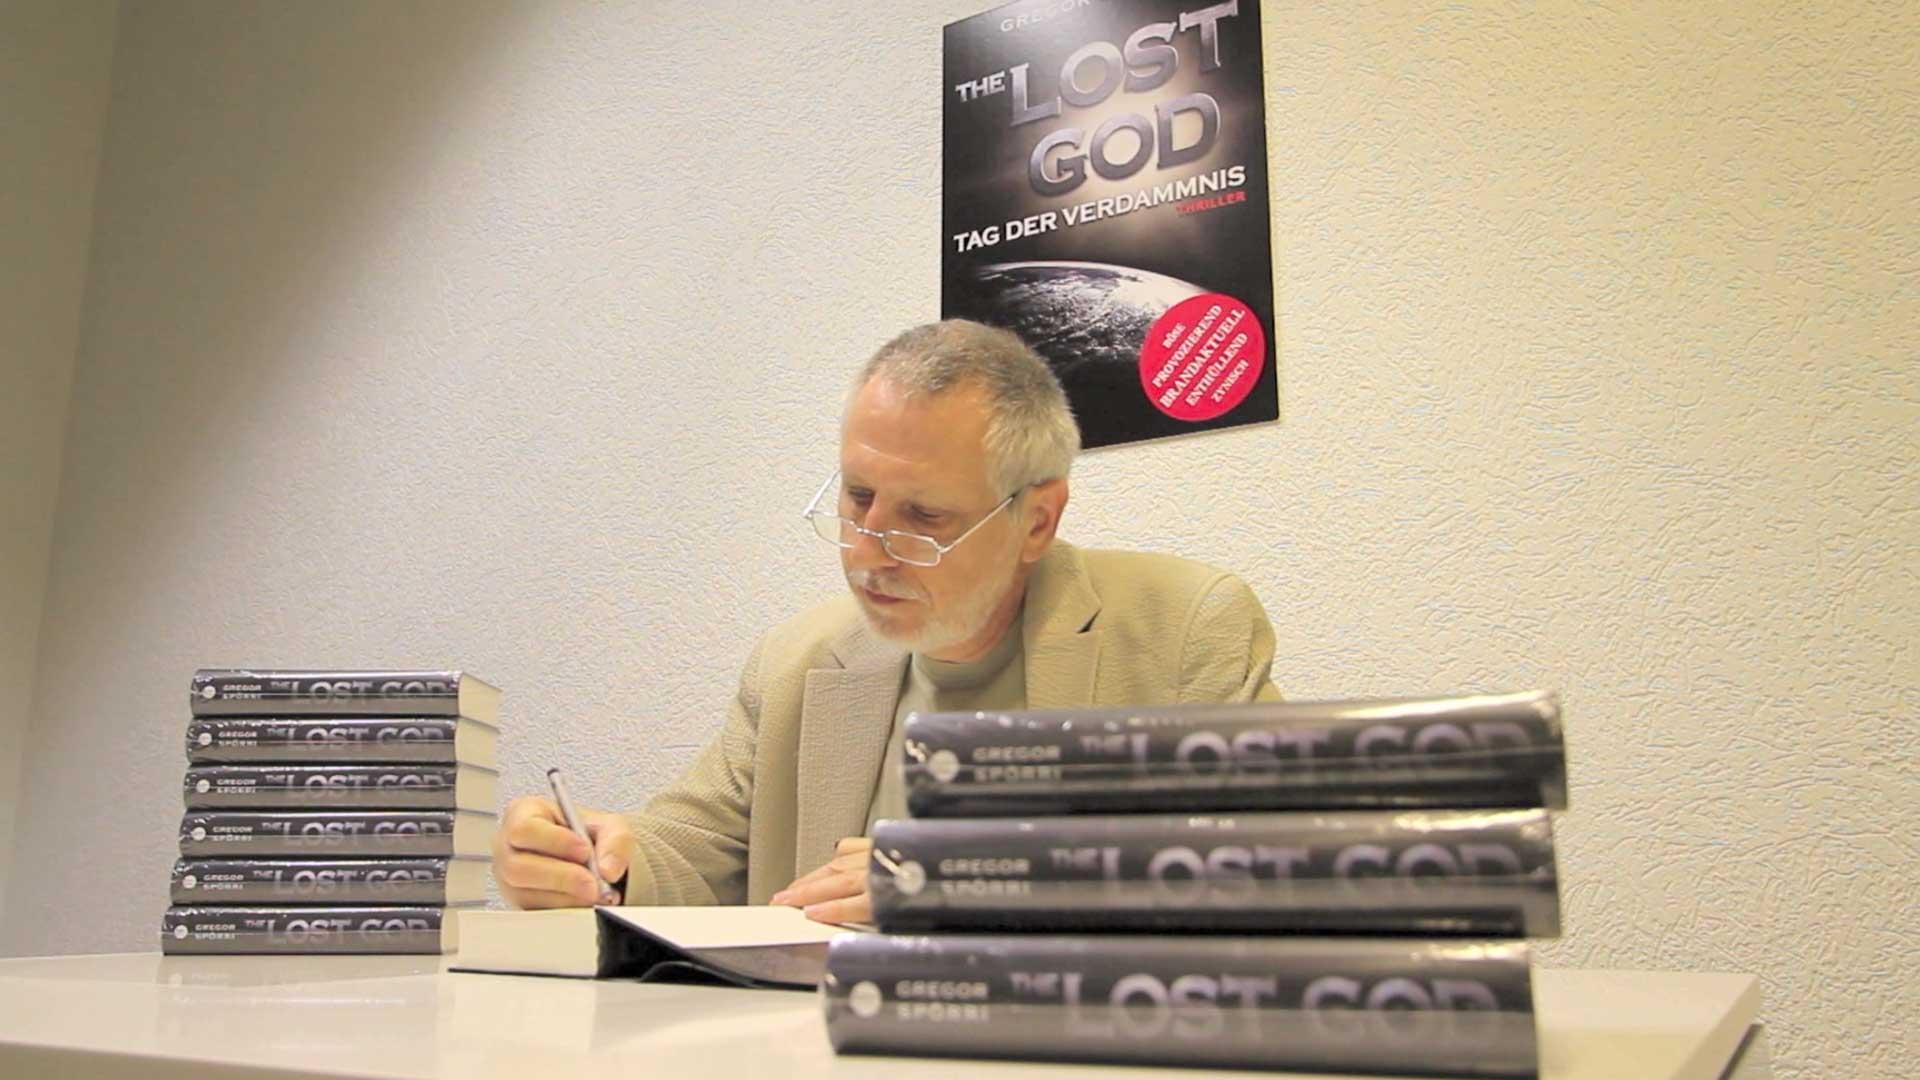 Author Gregor Spörri signing his novel LOST GOD.